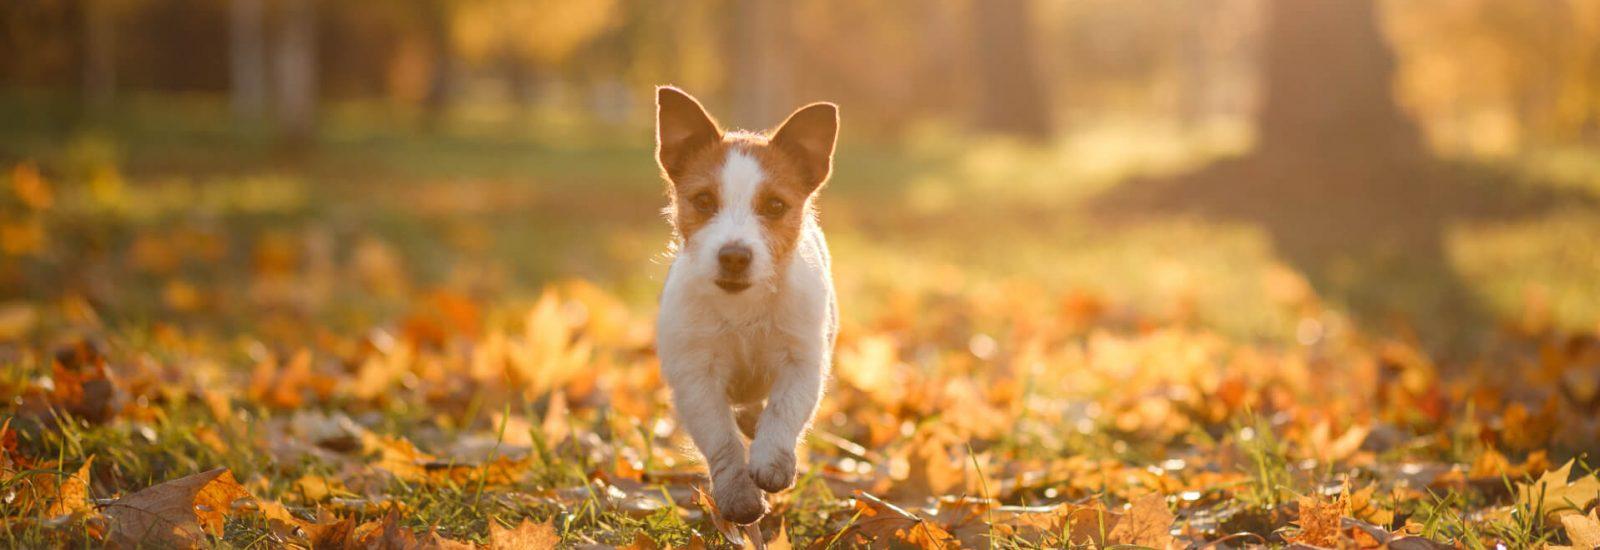 Image of Best Autumn dog walks in Bristol